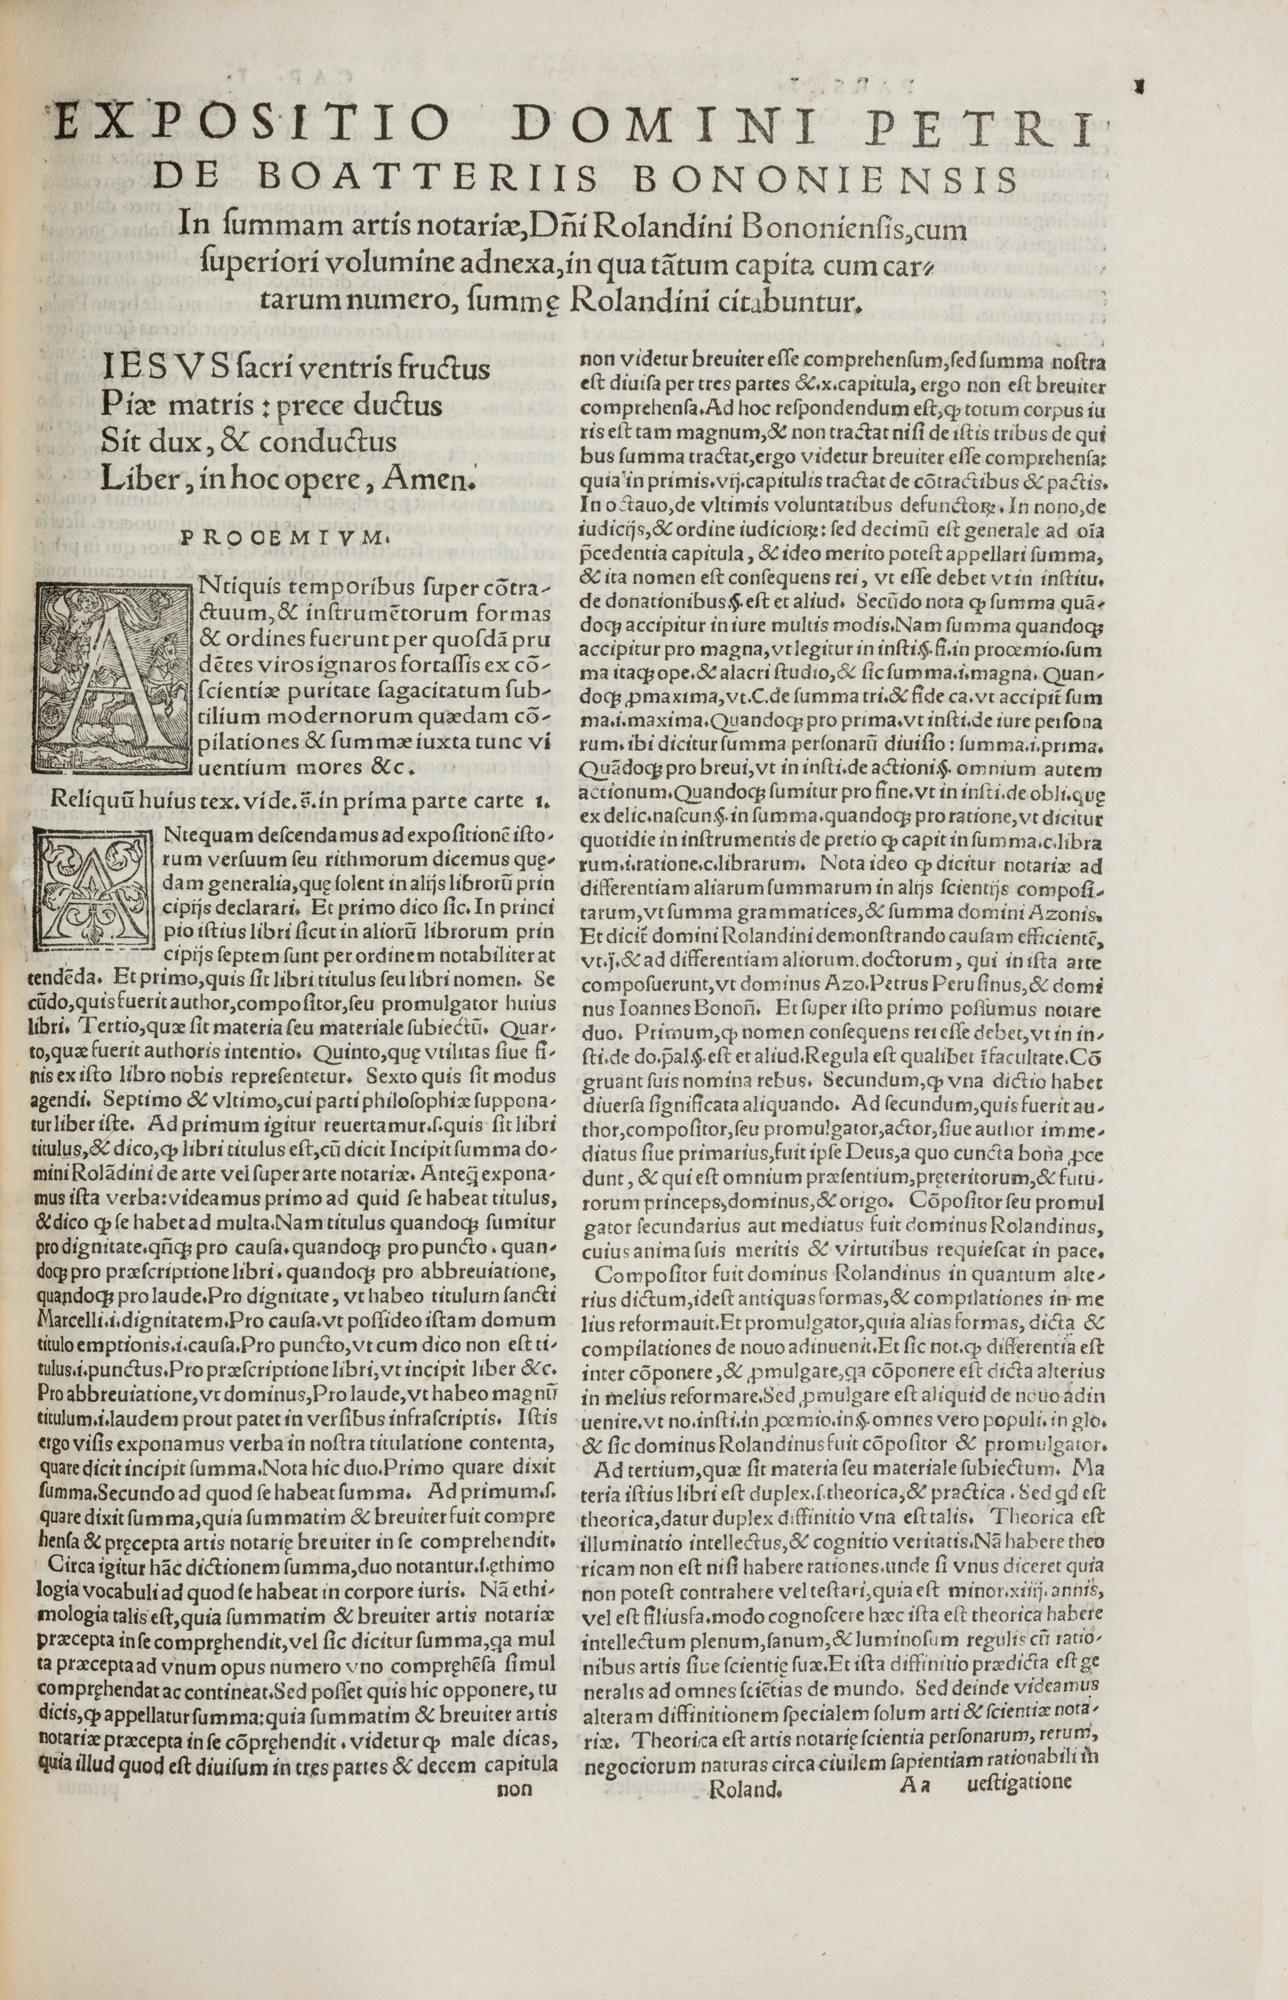 Summa totius artis notariae… cum novis et accuratissimis additionibus Petri Aldobrandini Florentini iureconsulti